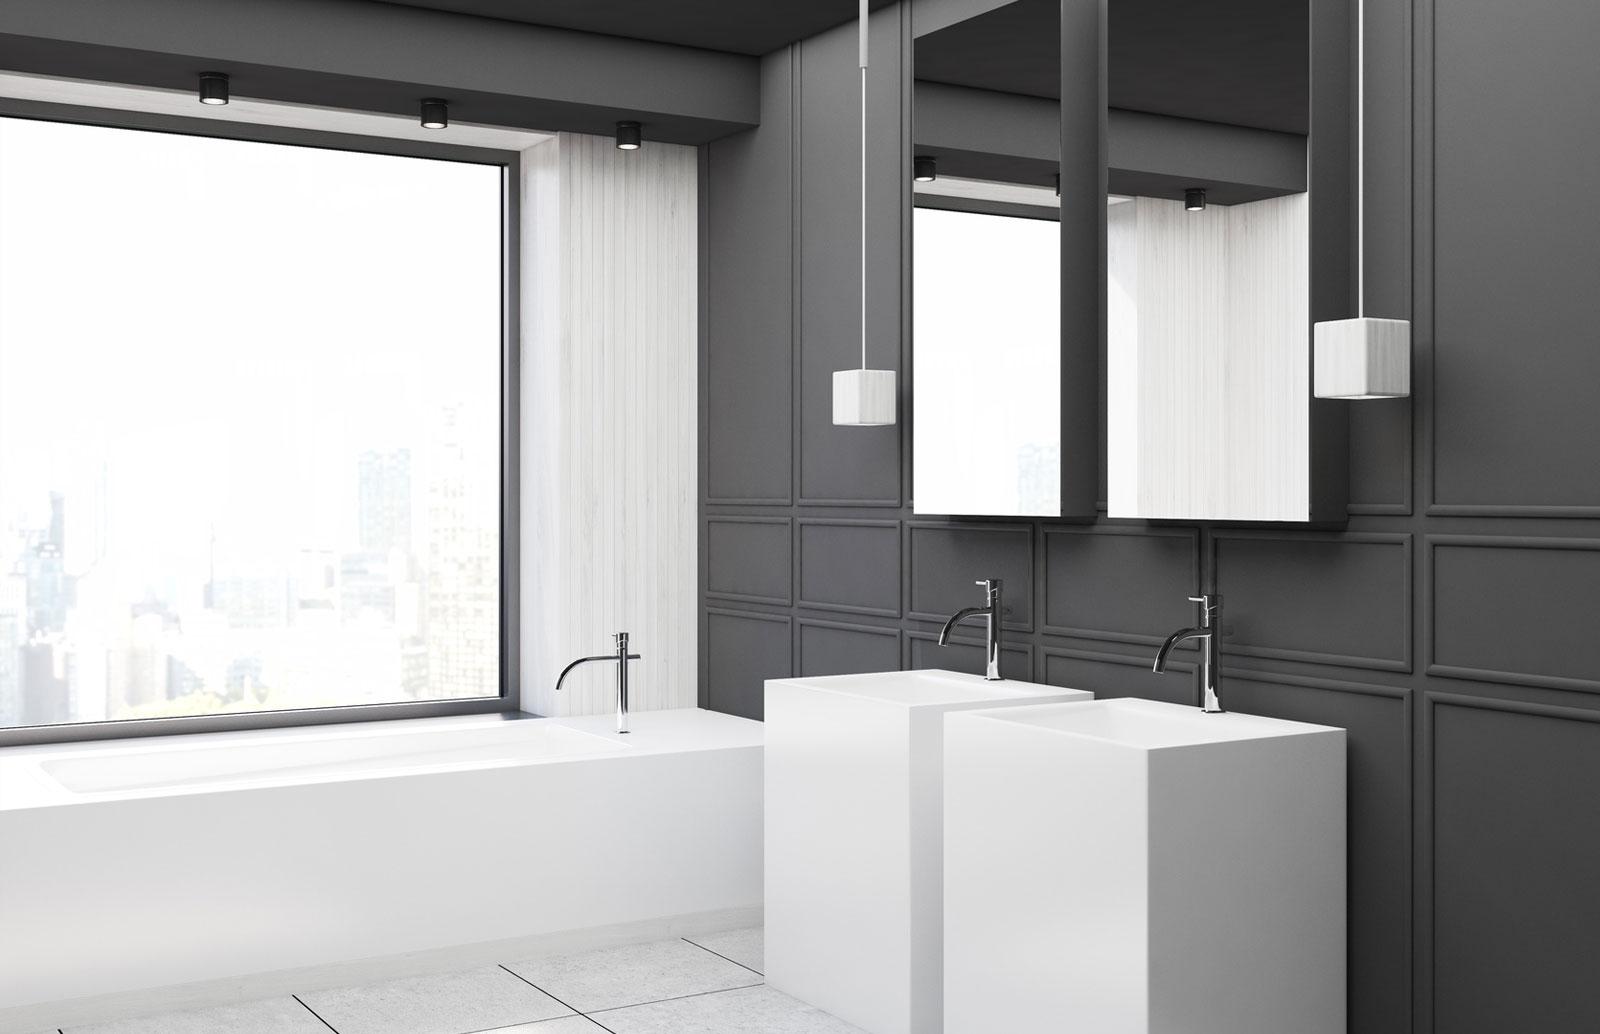 Traumbad von Christoffel, Badezimmer, Bad, Sanierung – Christoffel